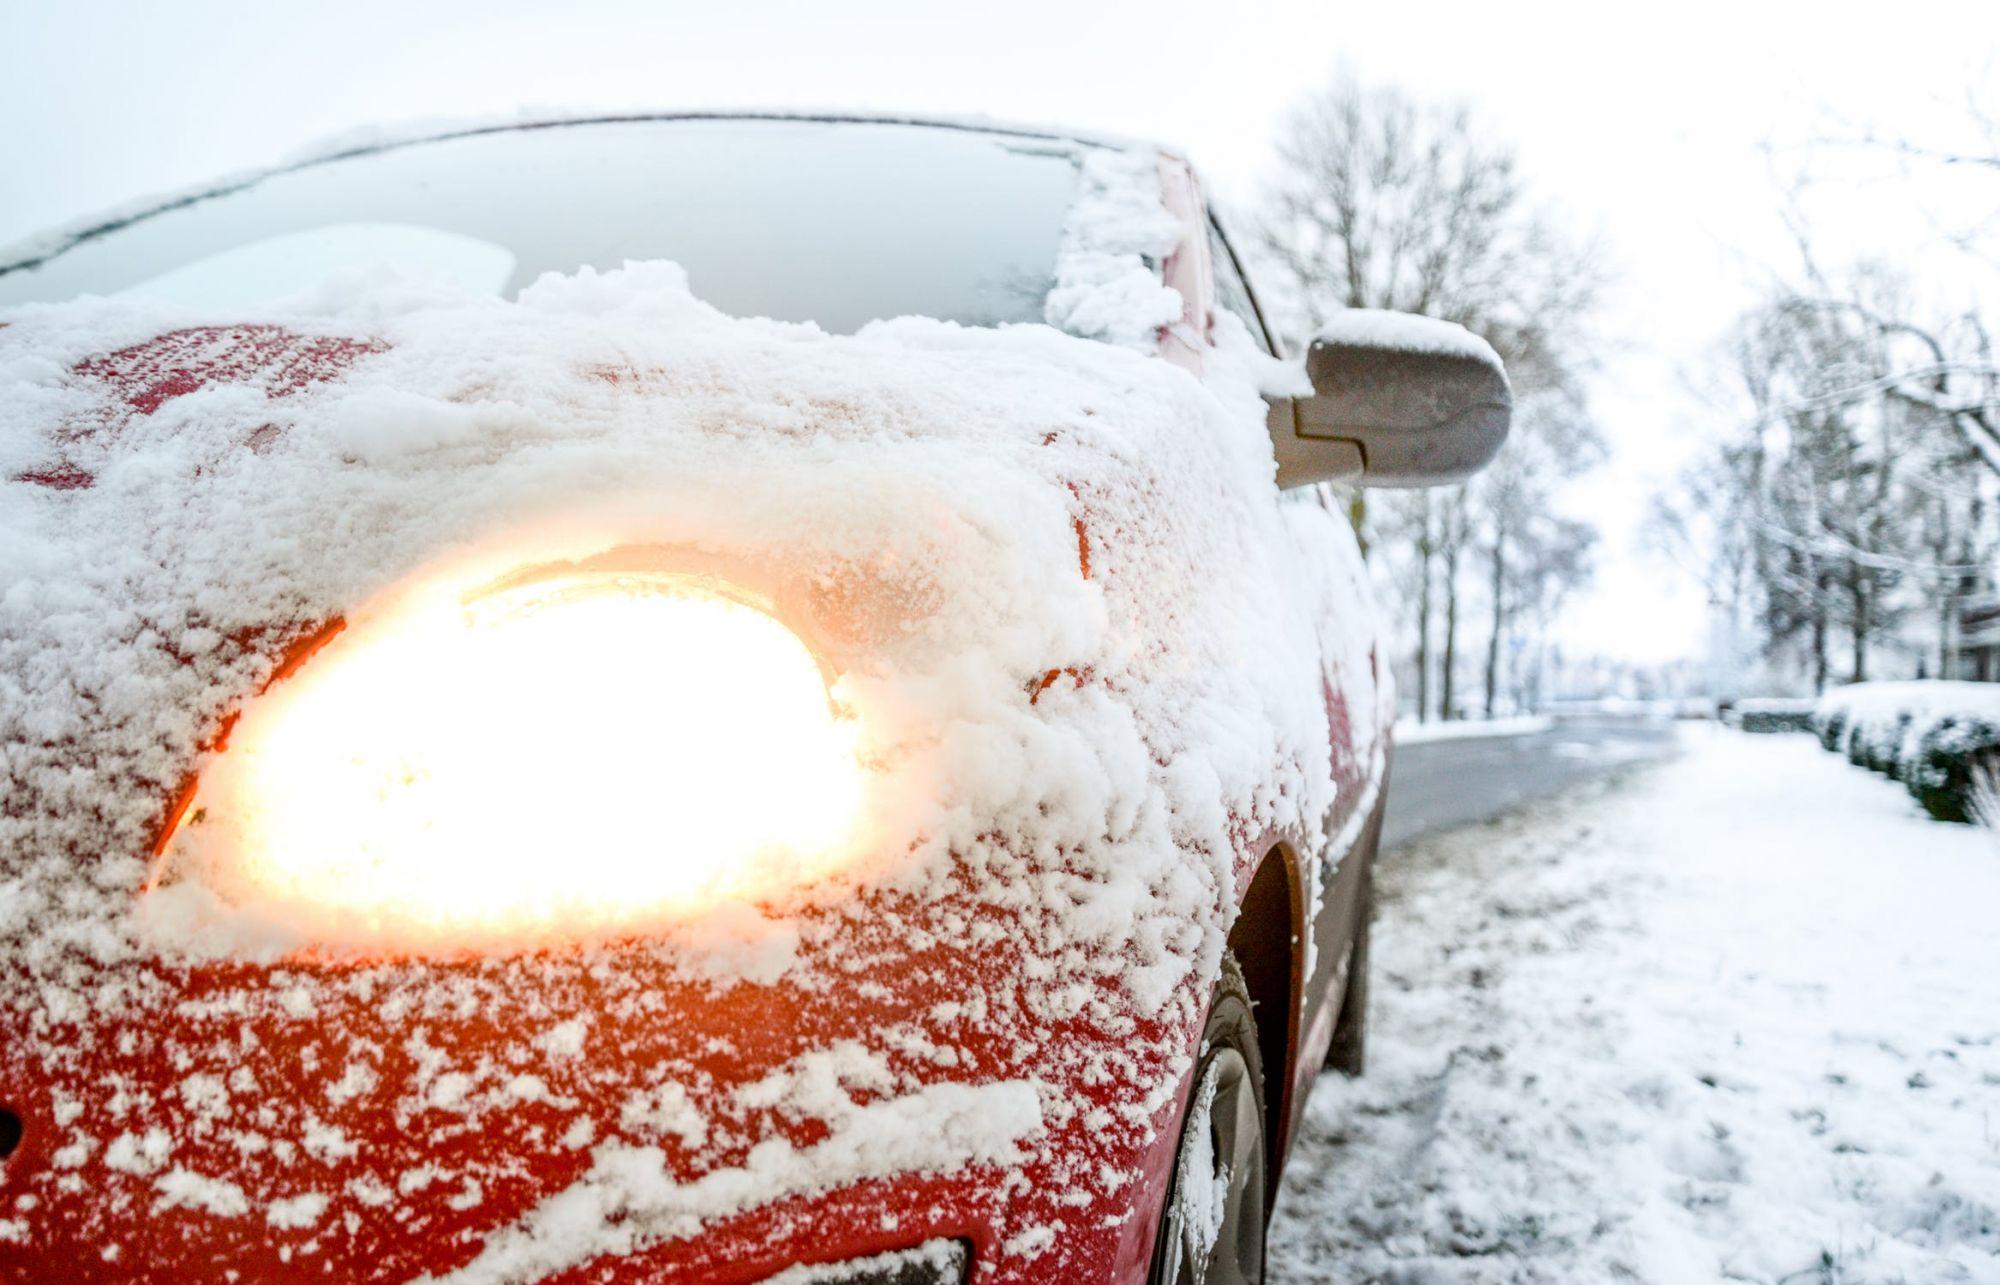 Vanavond gladde wegen door sneeuw en ijzel